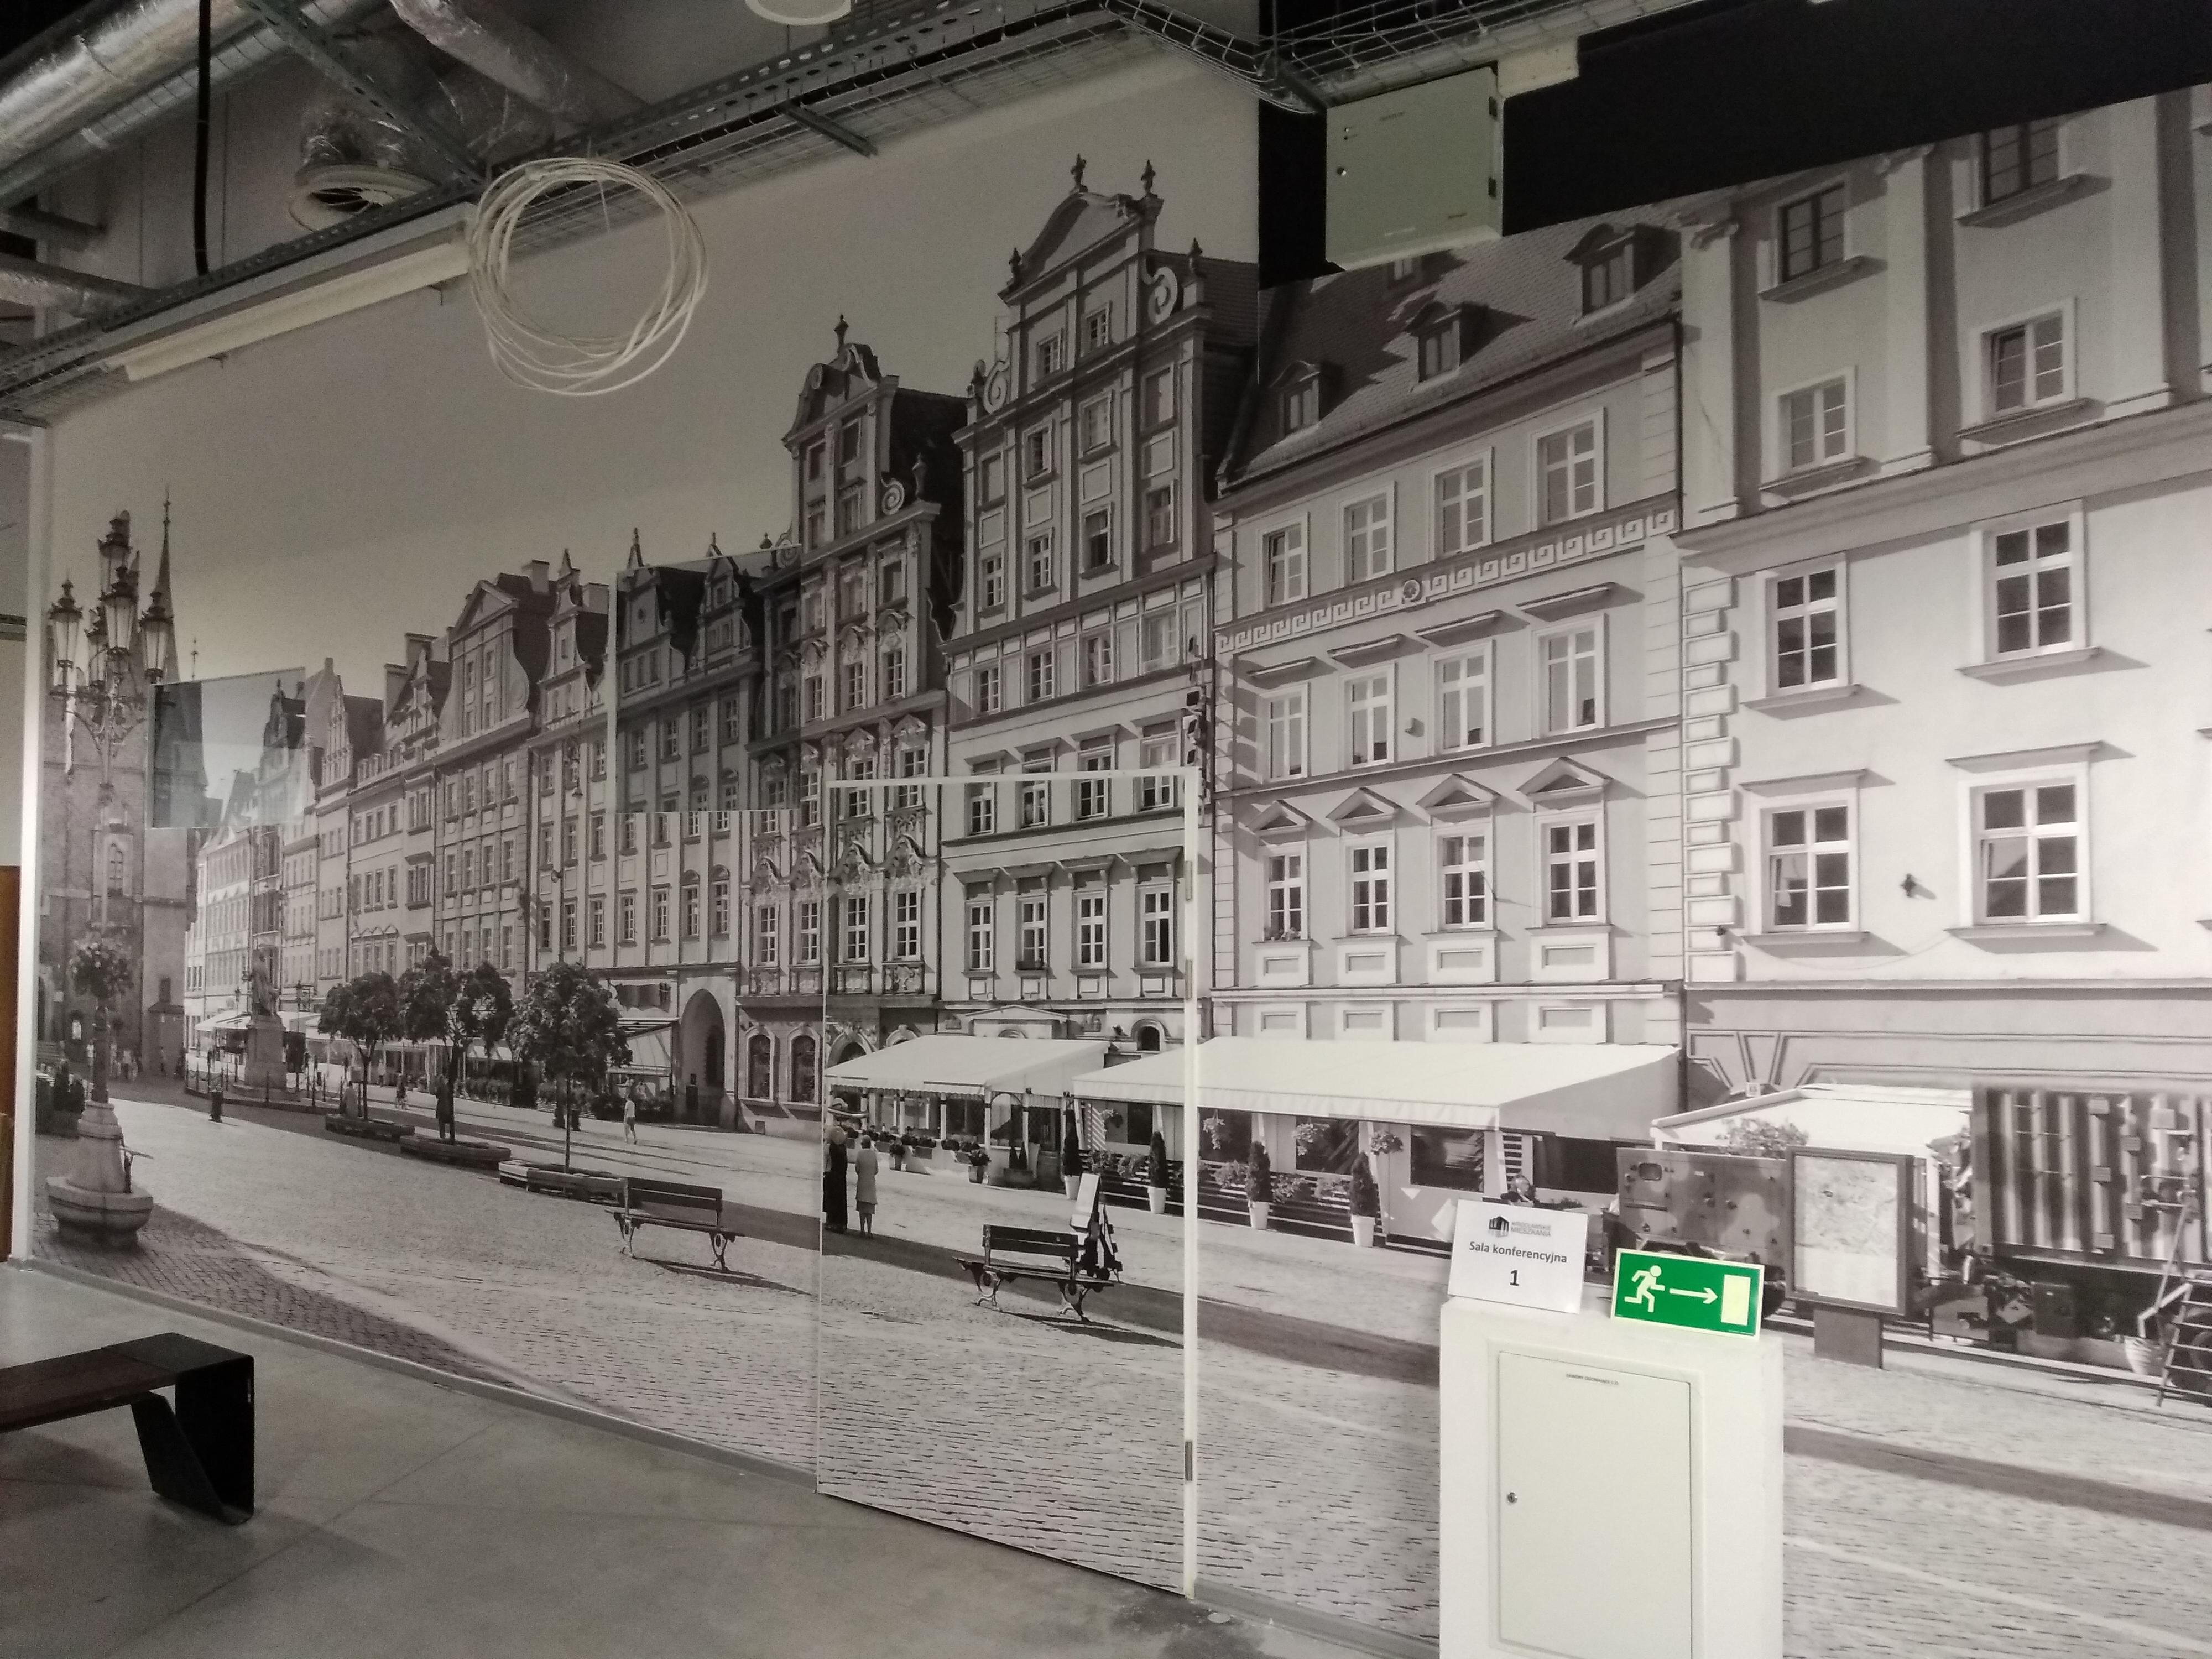 realizacja-fototapety-dla-wroclawskie-mieszkania9.jpg